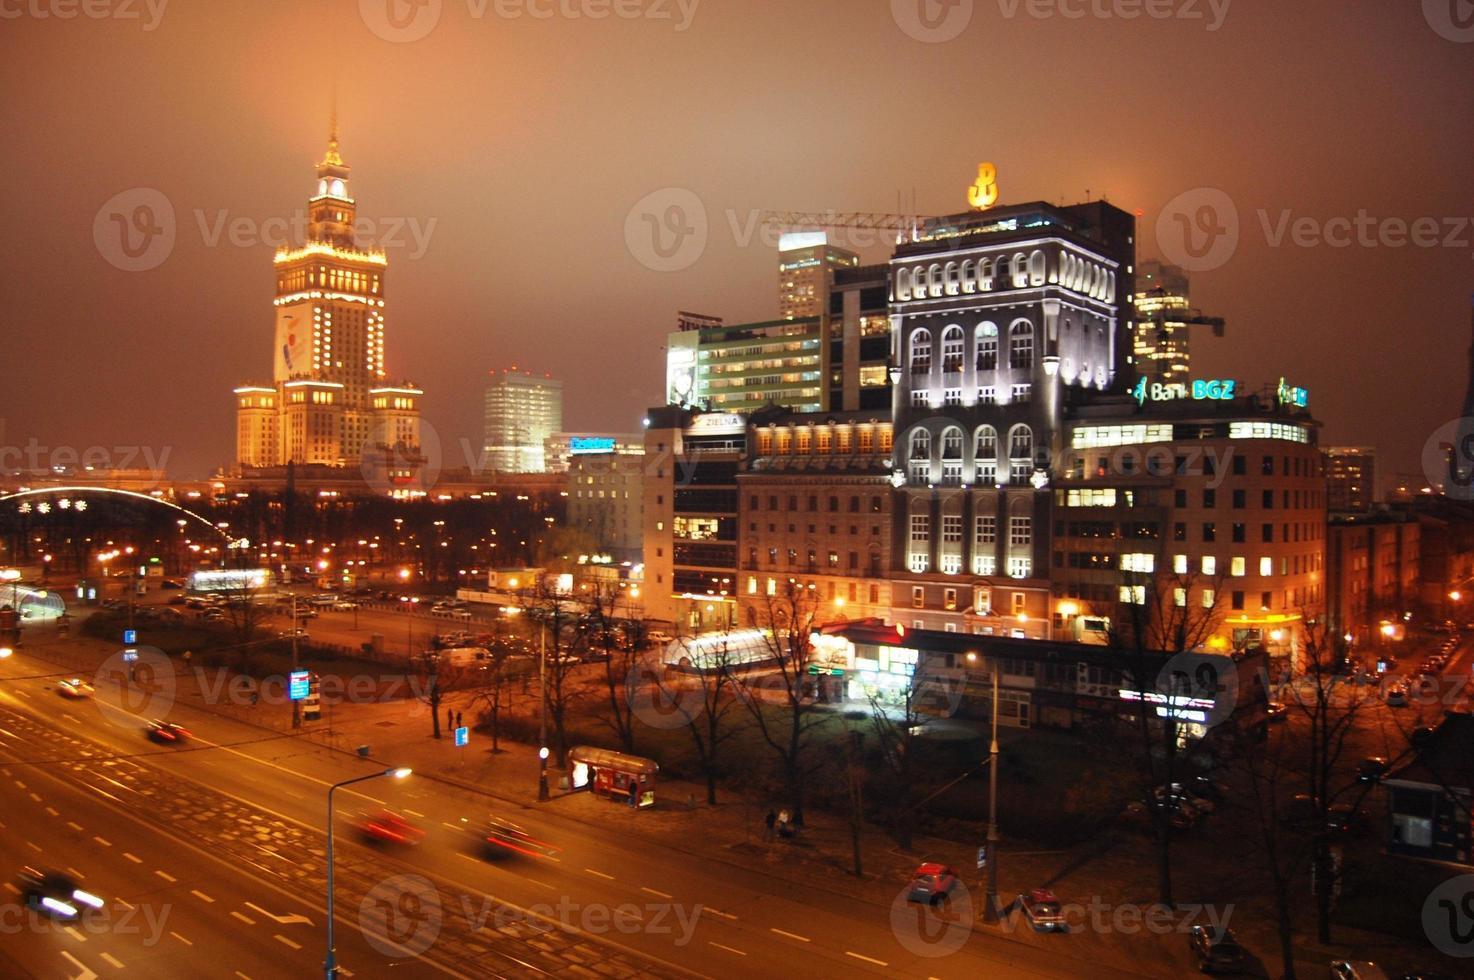 centro da cidade de Varsóvia foto